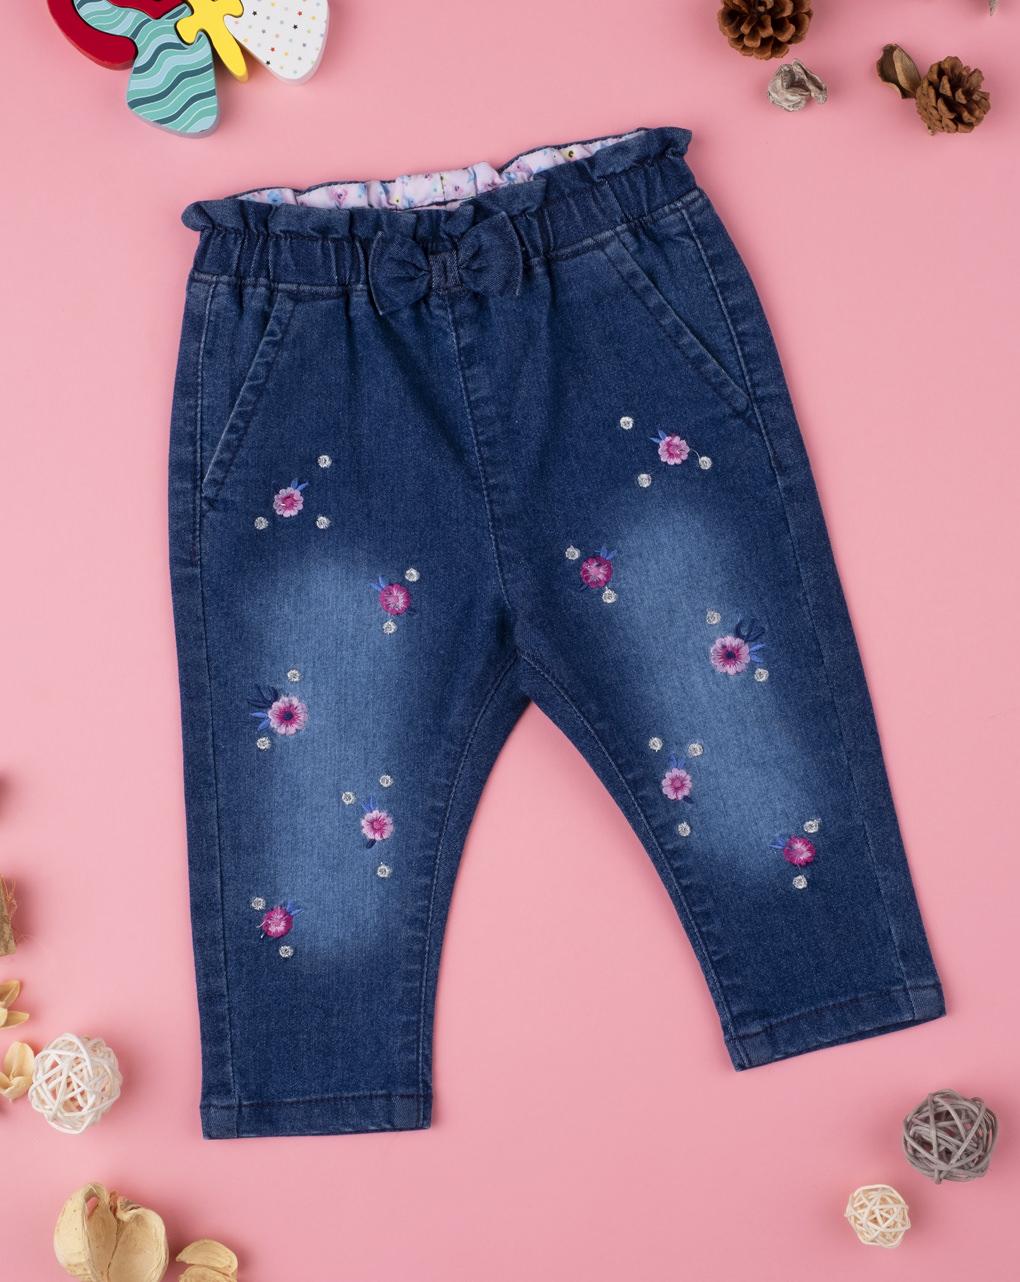 Παντελόνι Denim με Λουλουδάκια για Κορίτσι